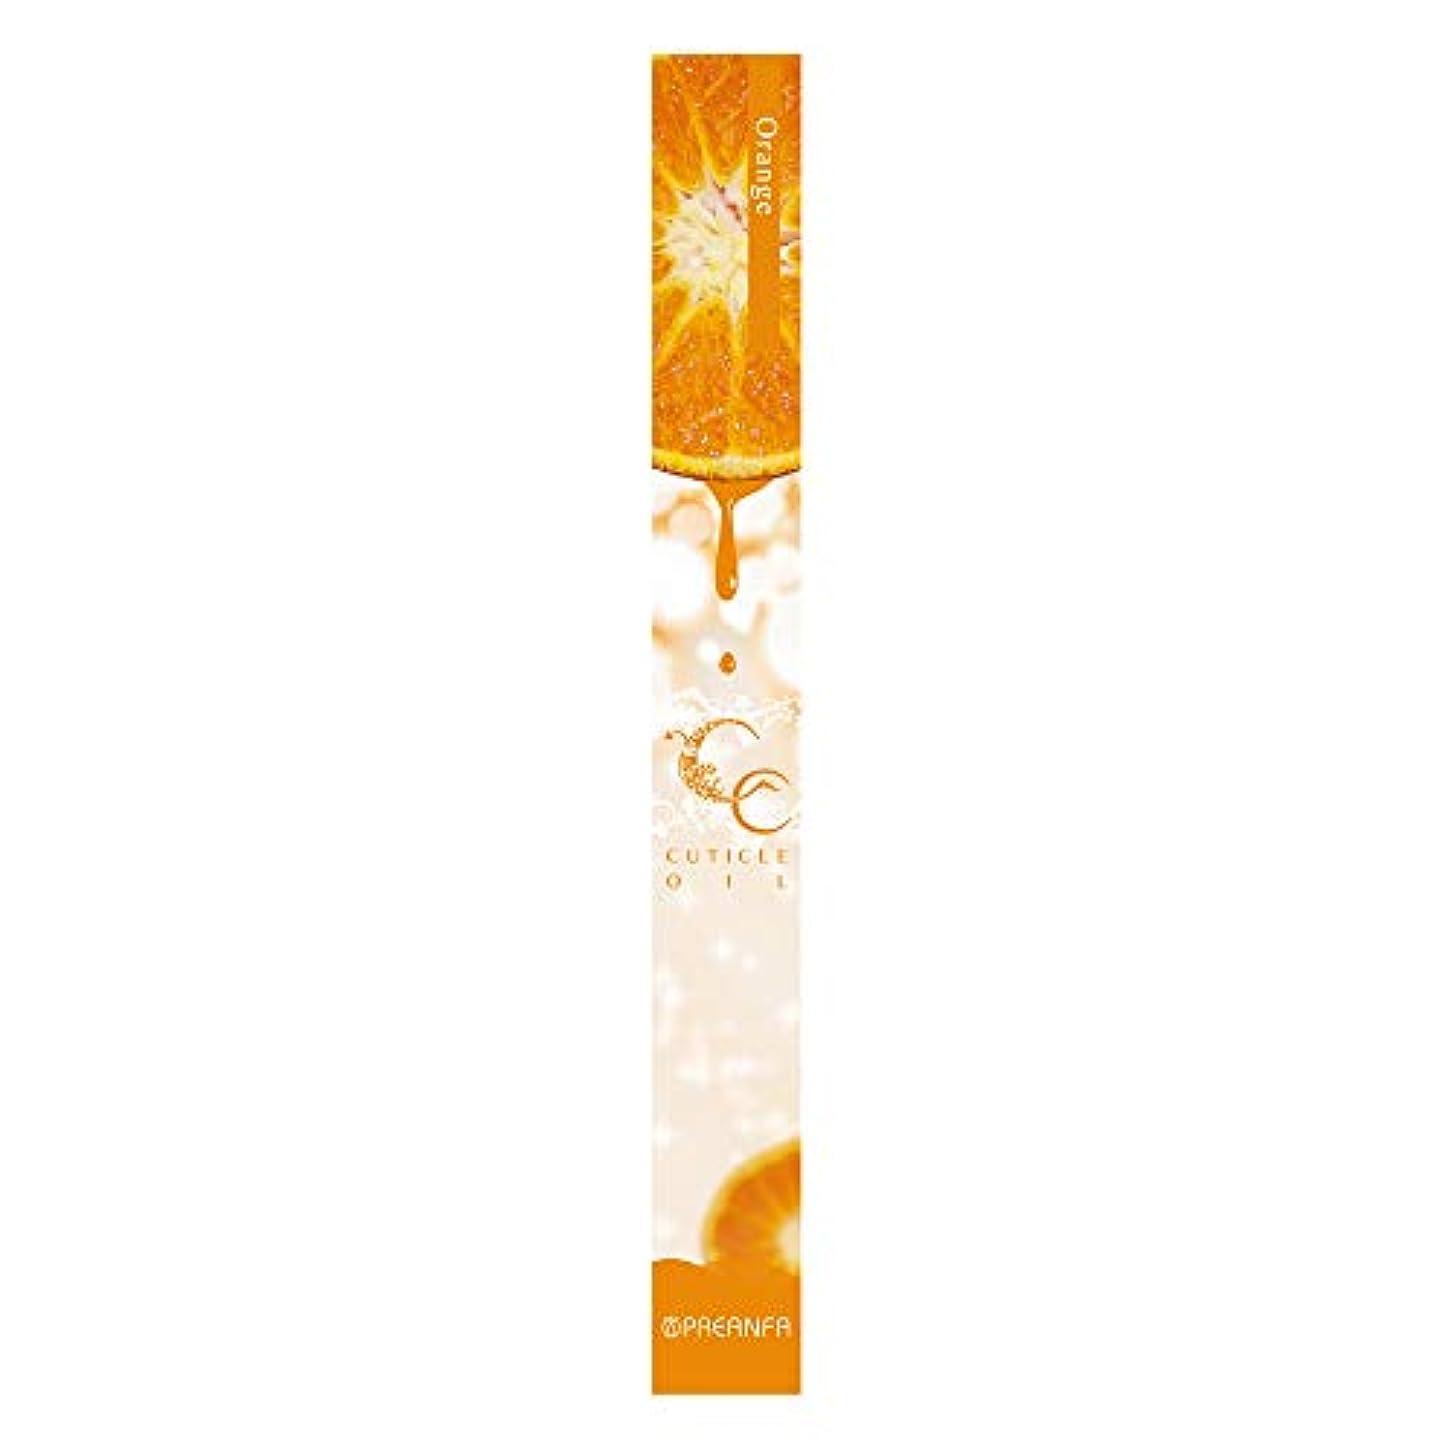 著作権私たち自身渇きプリジェル 甘皮ケア CCキューティクルオイル オレンジ 4.5g 保湿オイル ペンタイプ